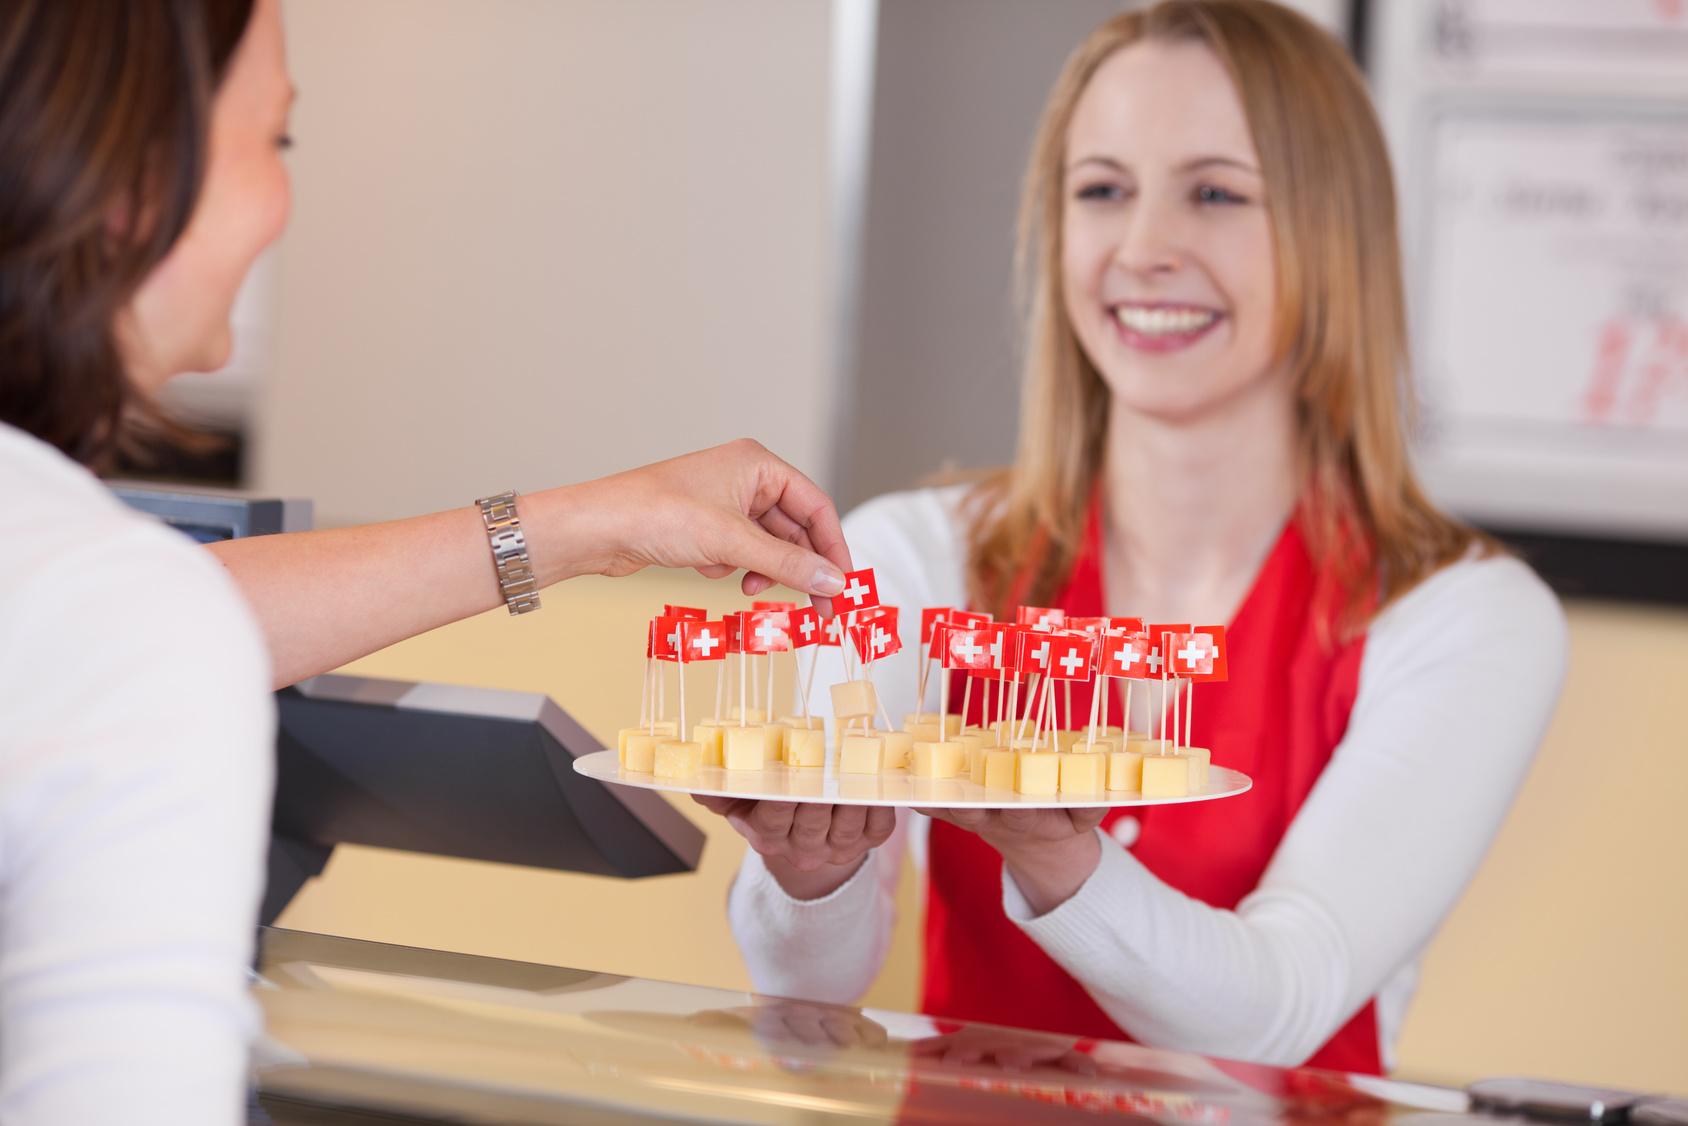 freundliche verkuferin bietet kse zum probieren an